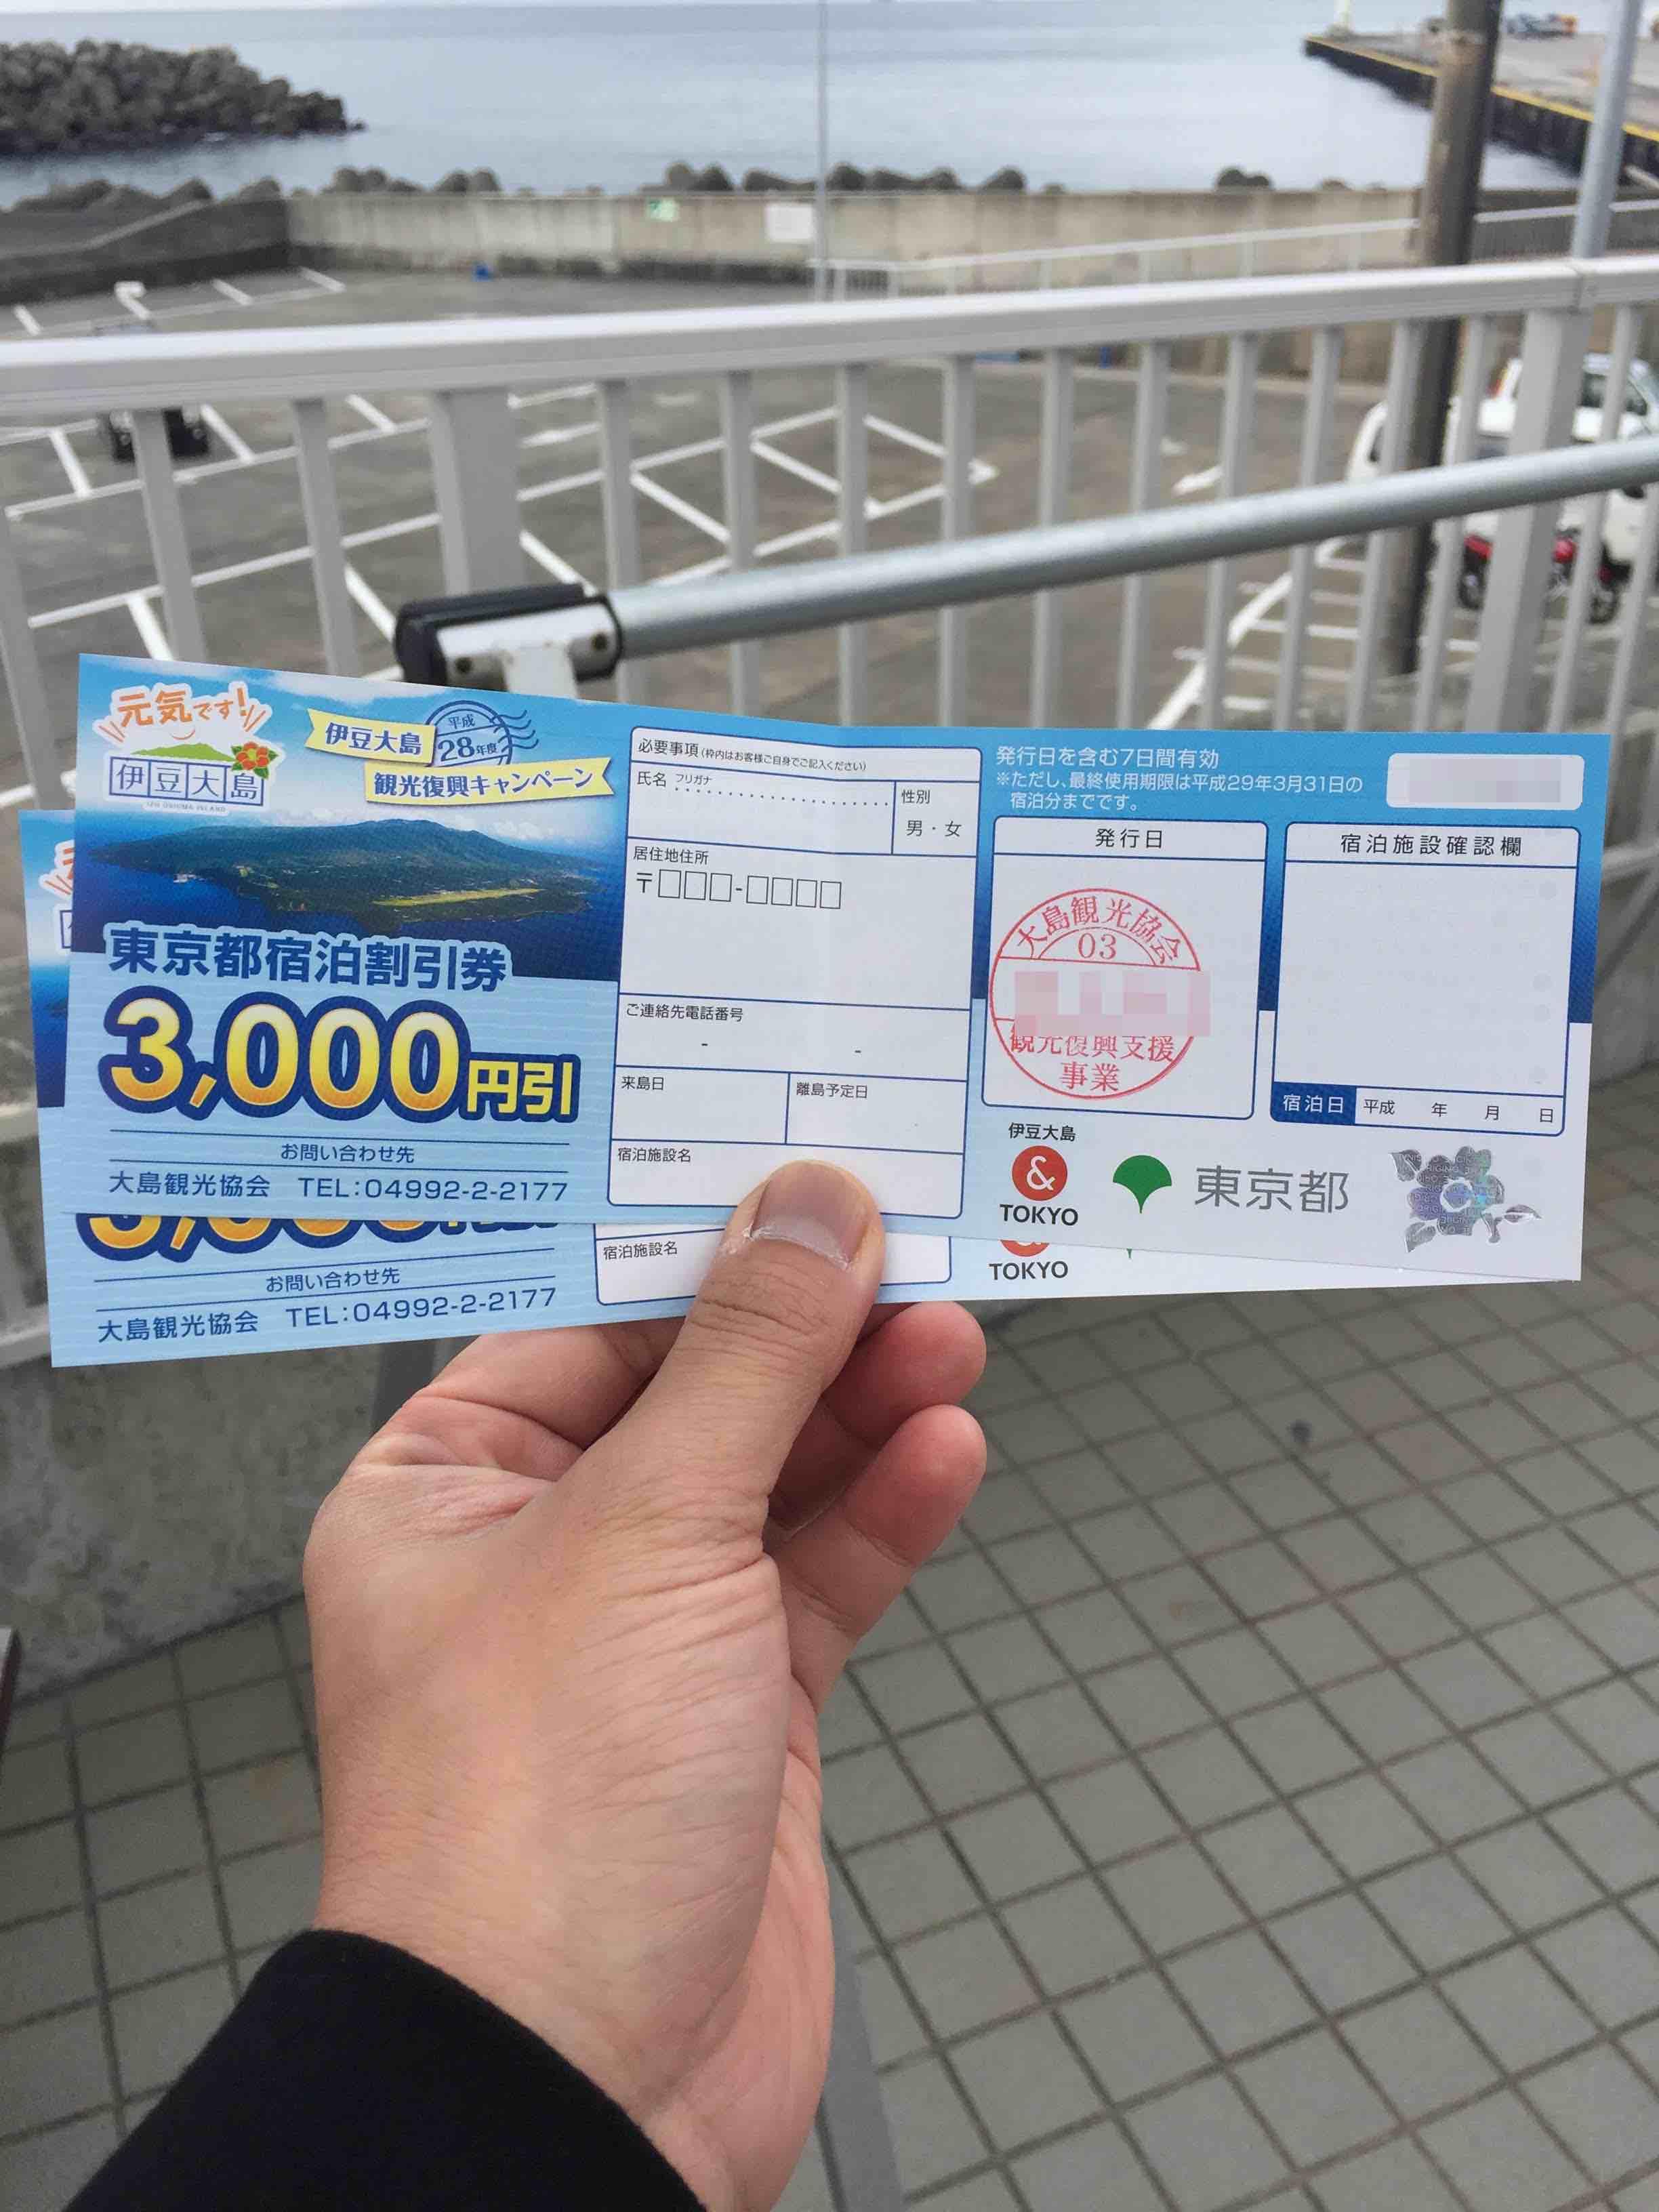 伊豆大島に宿泊する場合、1泊3千円の割引あり